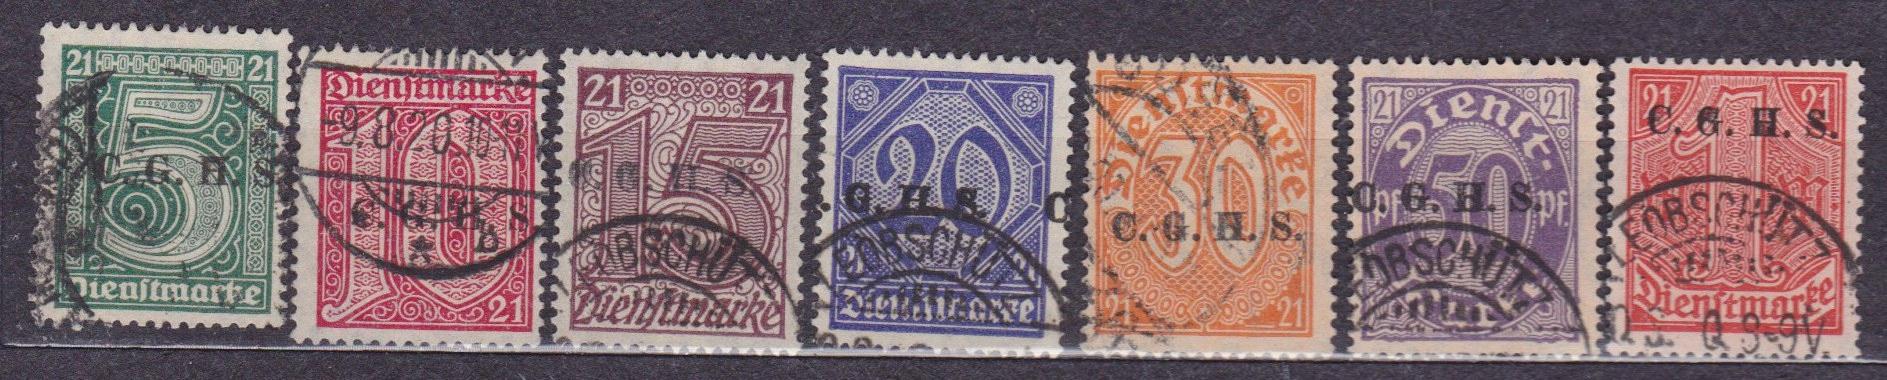 Plebiscyty - 1920, Górny Śląsk, Fi U1 - 7, kasowan